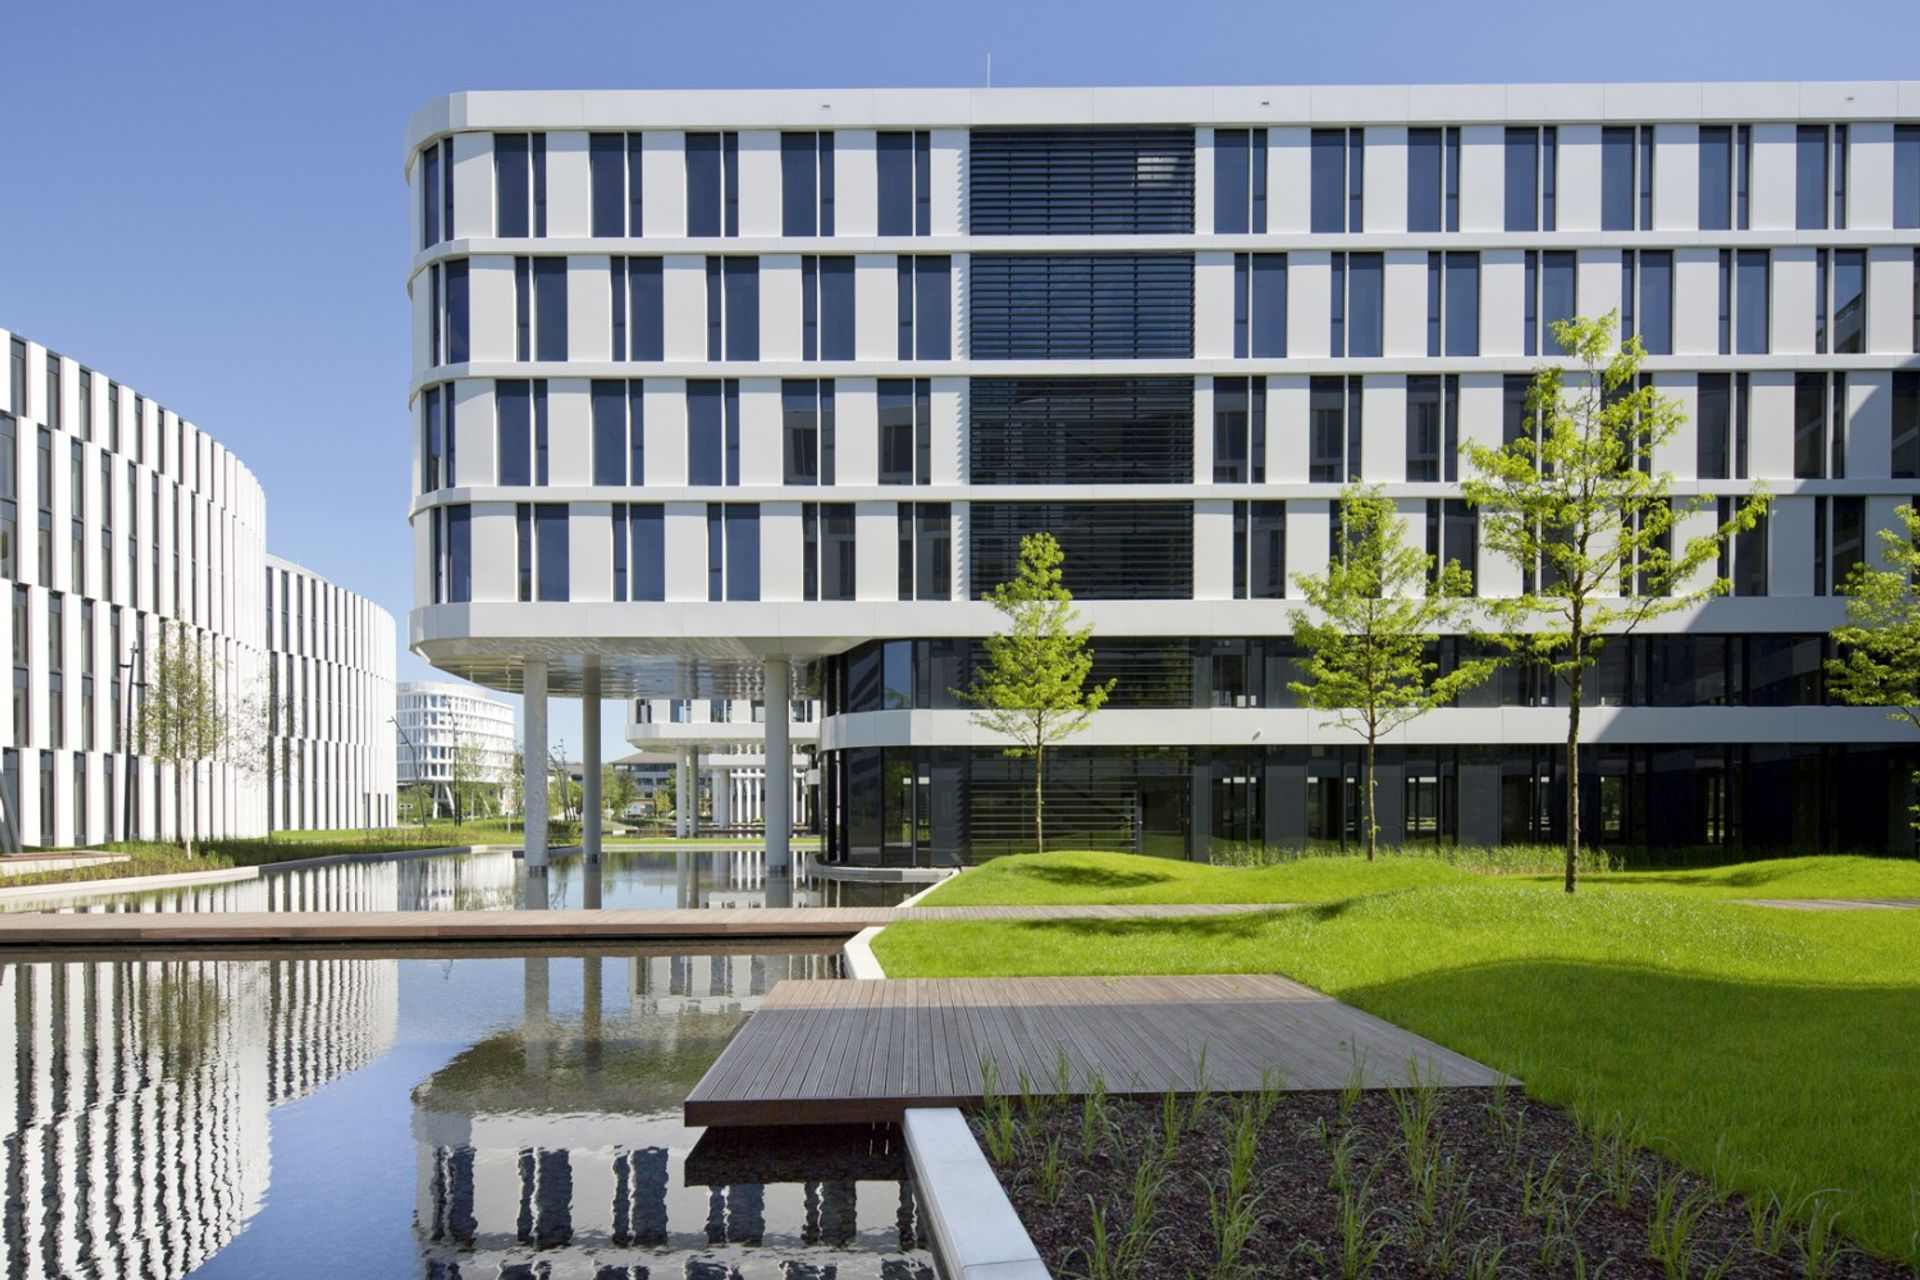 [Warszawa] Zielony certyfikat przyznany. Business Garden jest ekologiczny